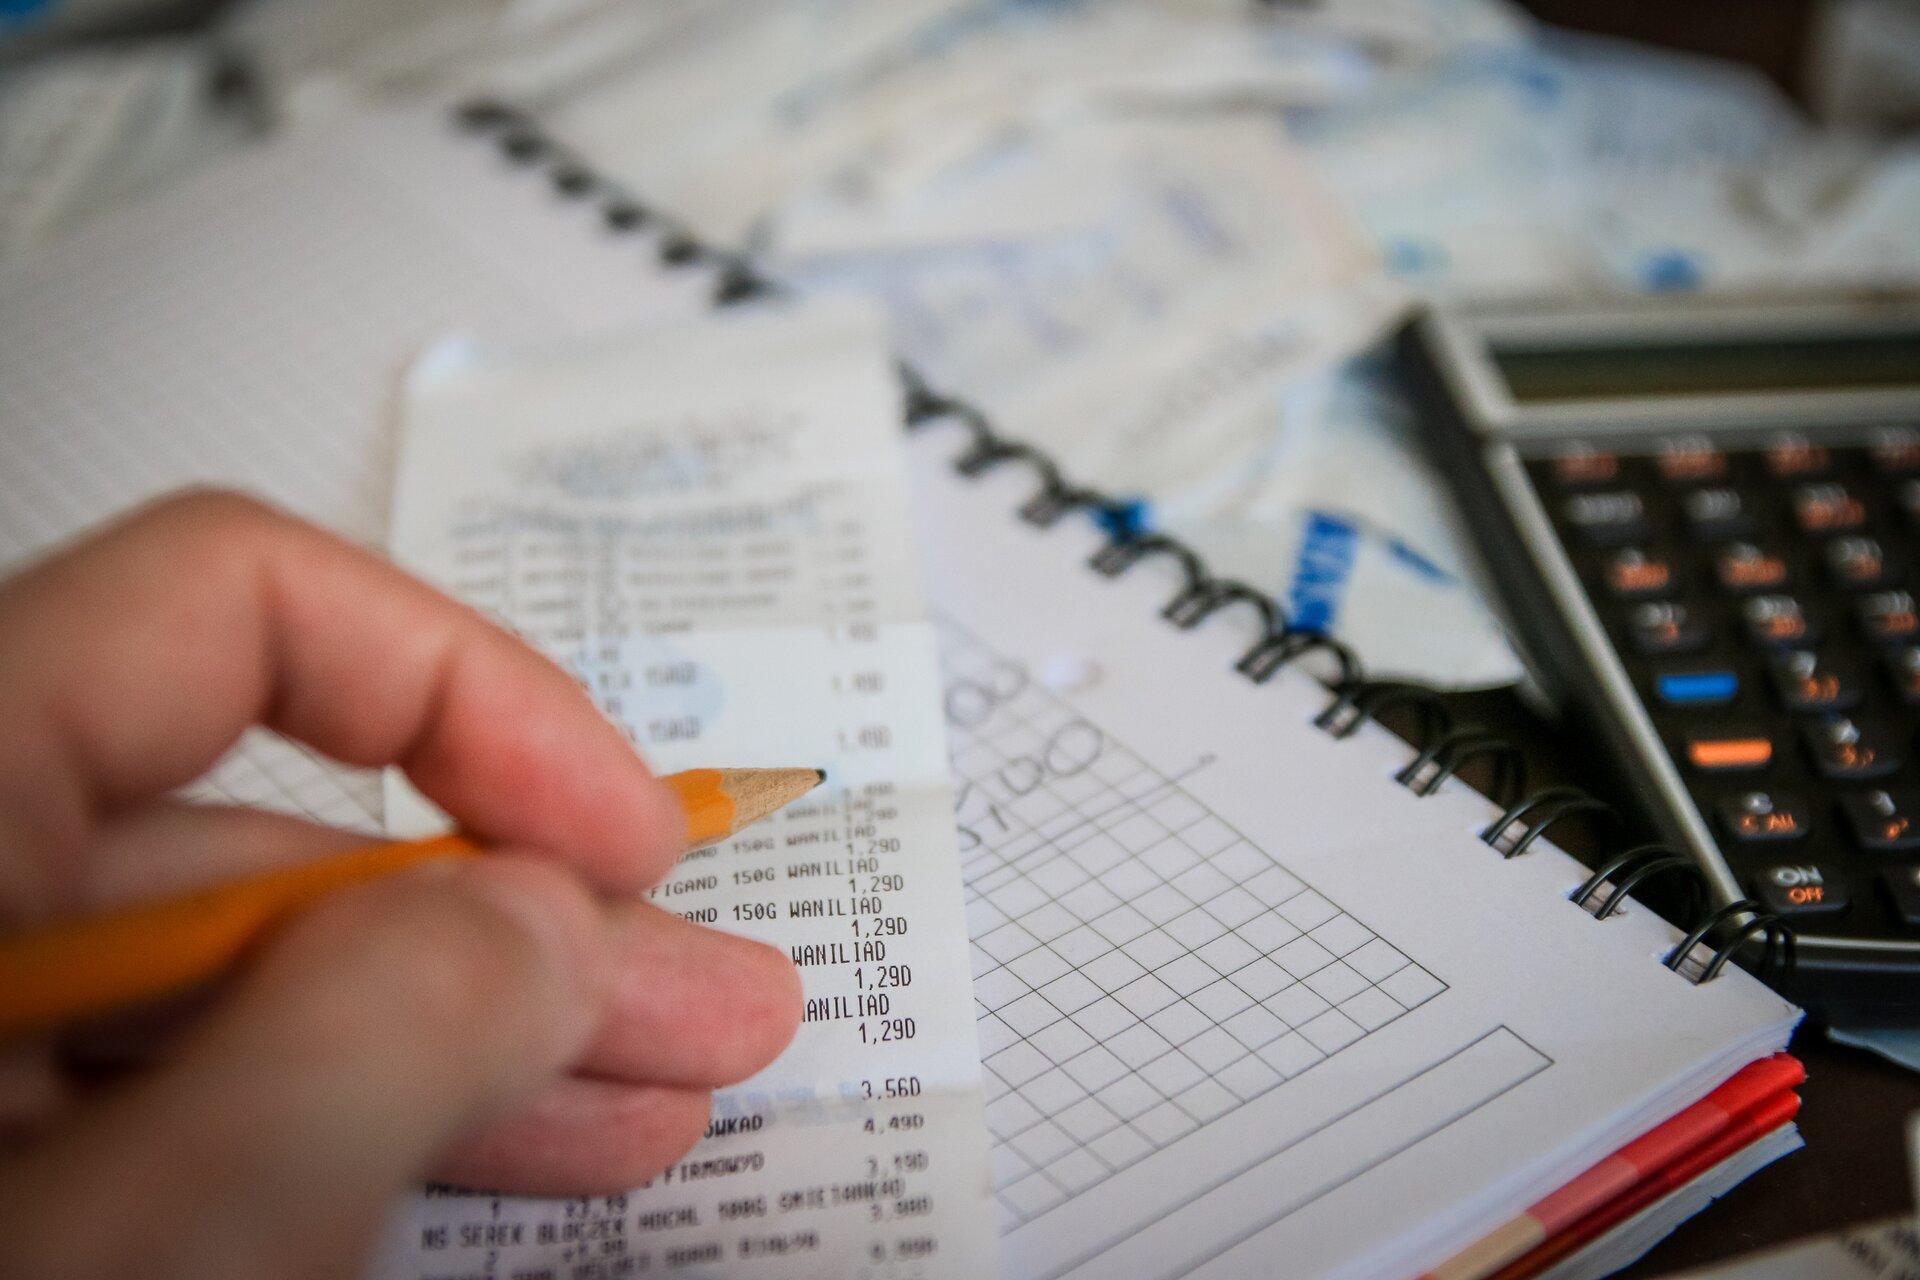 Obliczanie domowych wydatków Źródło: pixabay, Obliczanie domowych wydatków, licencja: CC 0.